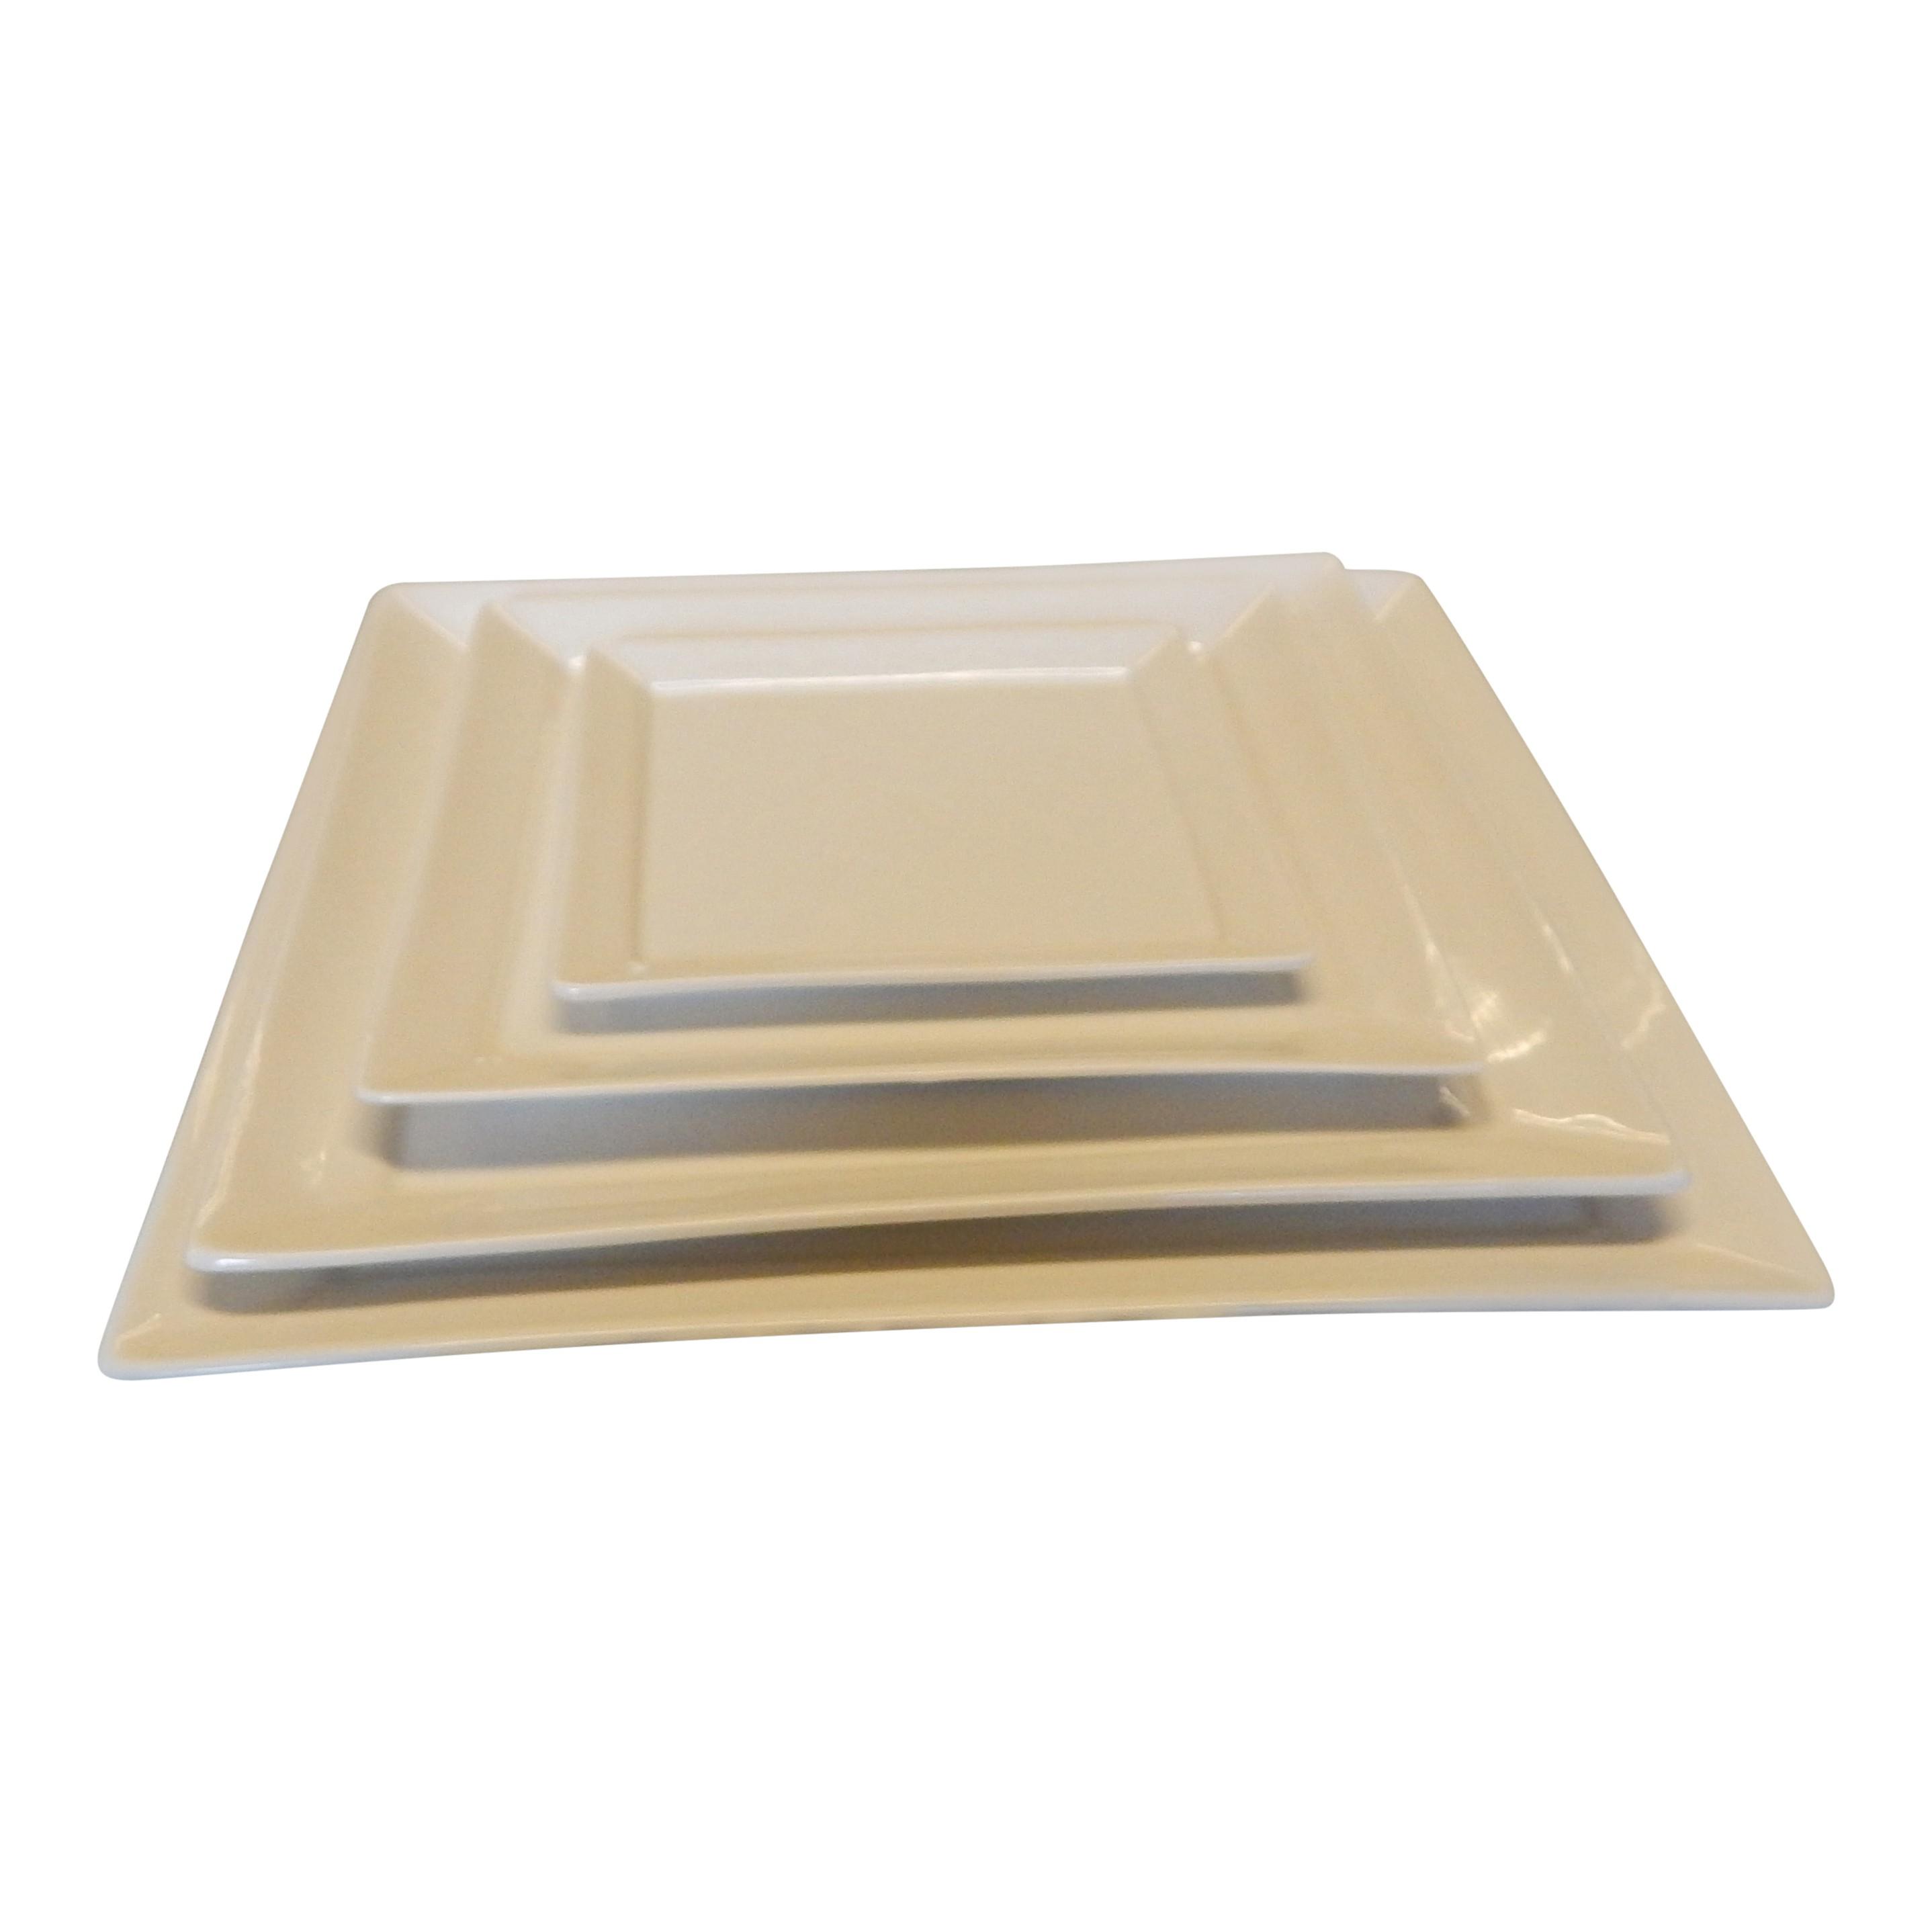 Bord 18,5 cm vierkant ivoor